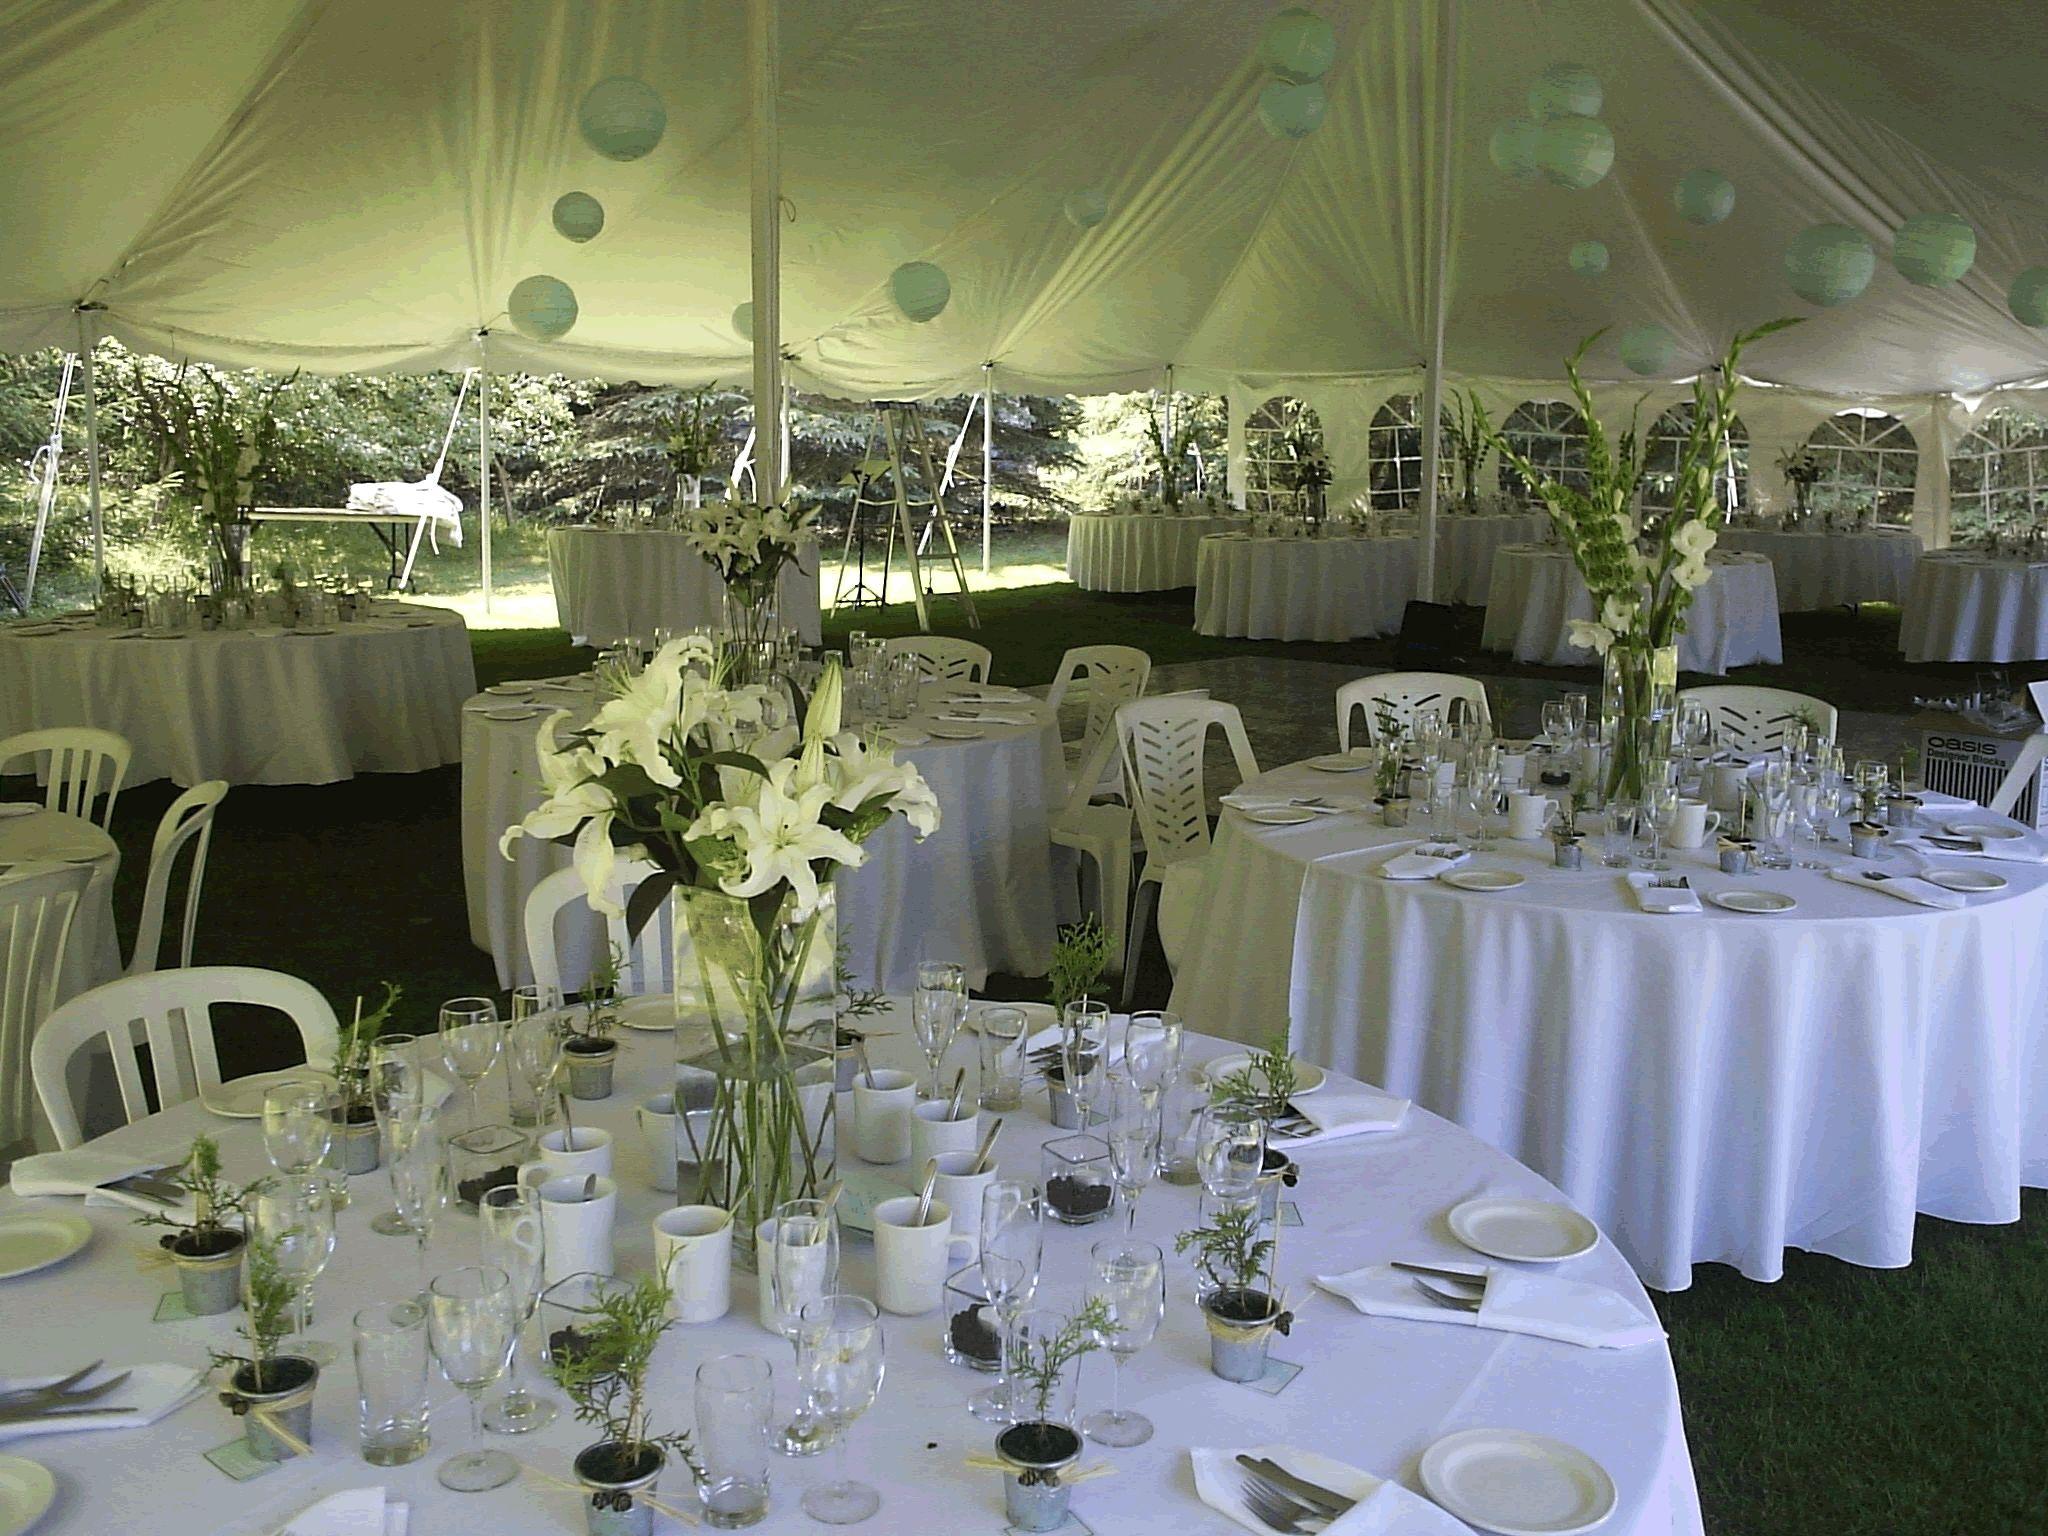 Garden Wedding Reception Ideas Simple httpweb2reviewinfo